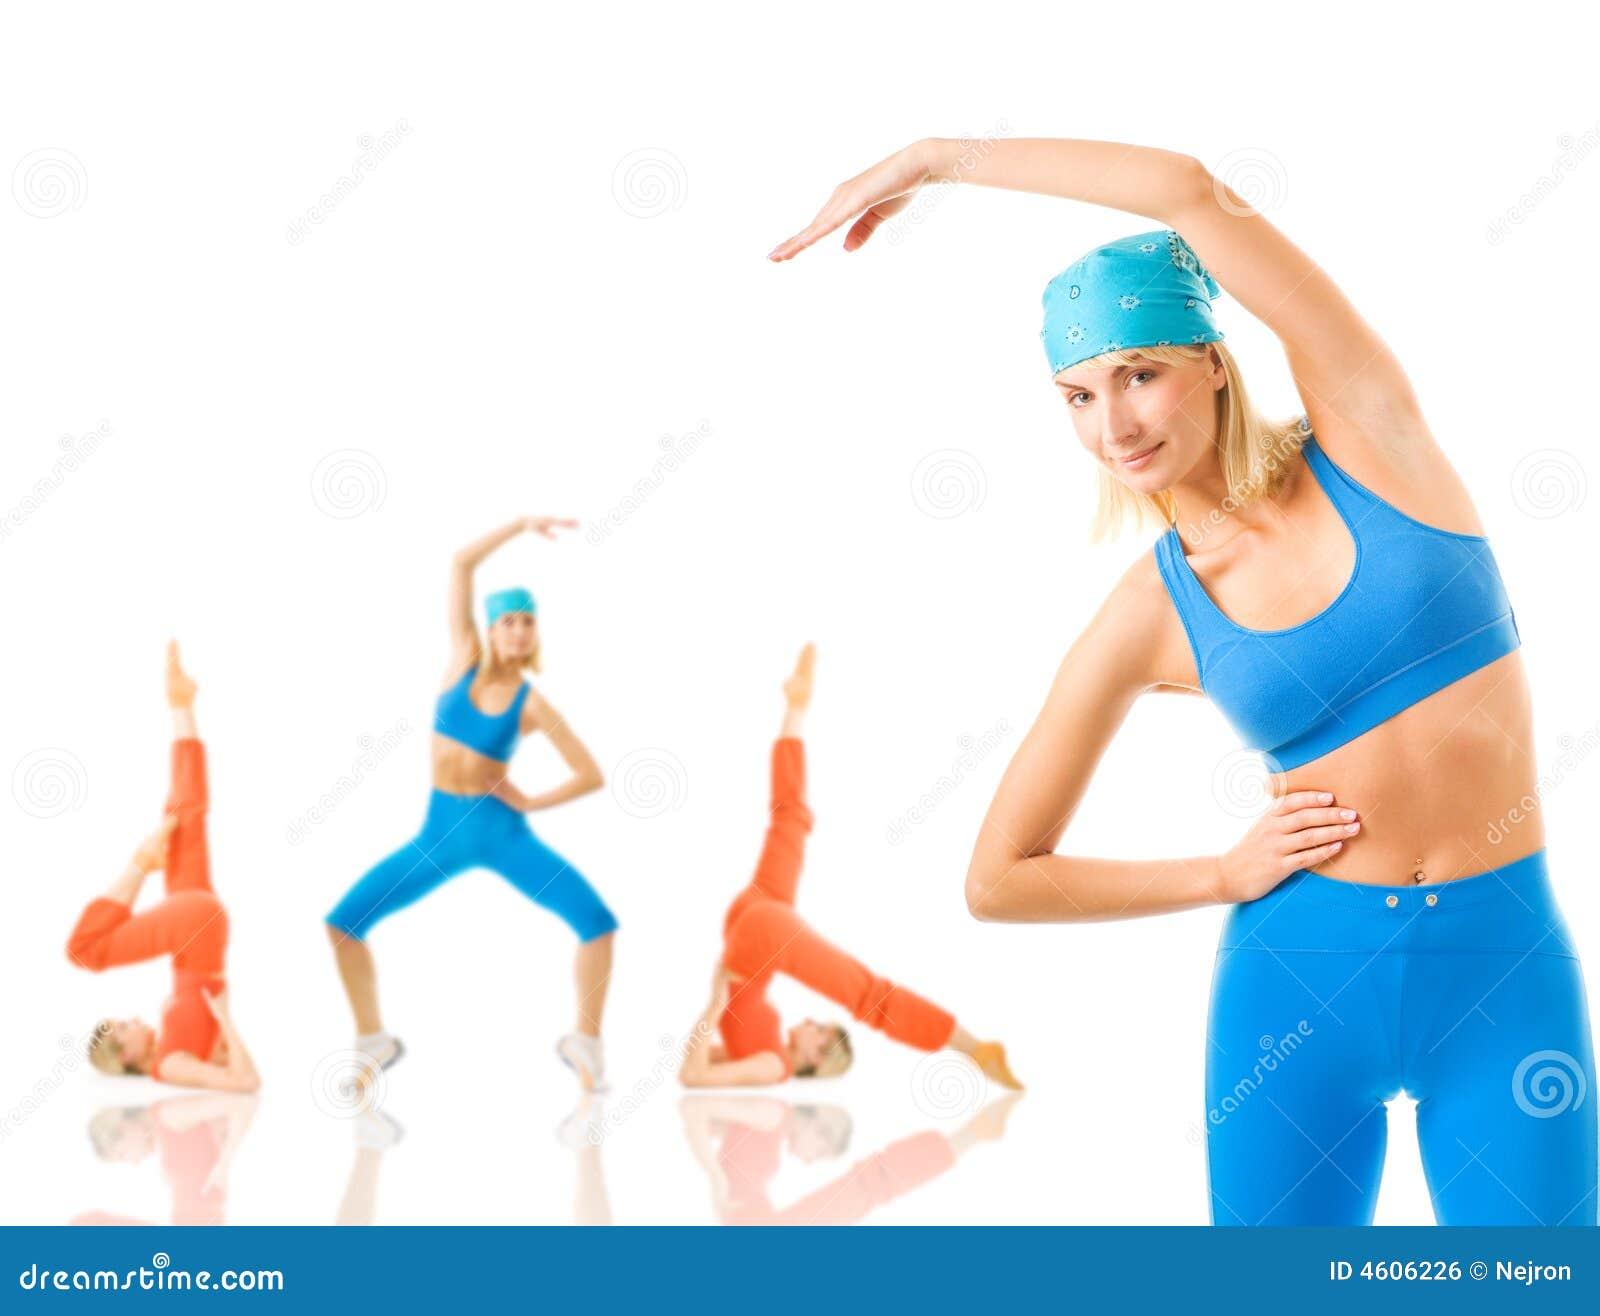 Wykonywanie fitness